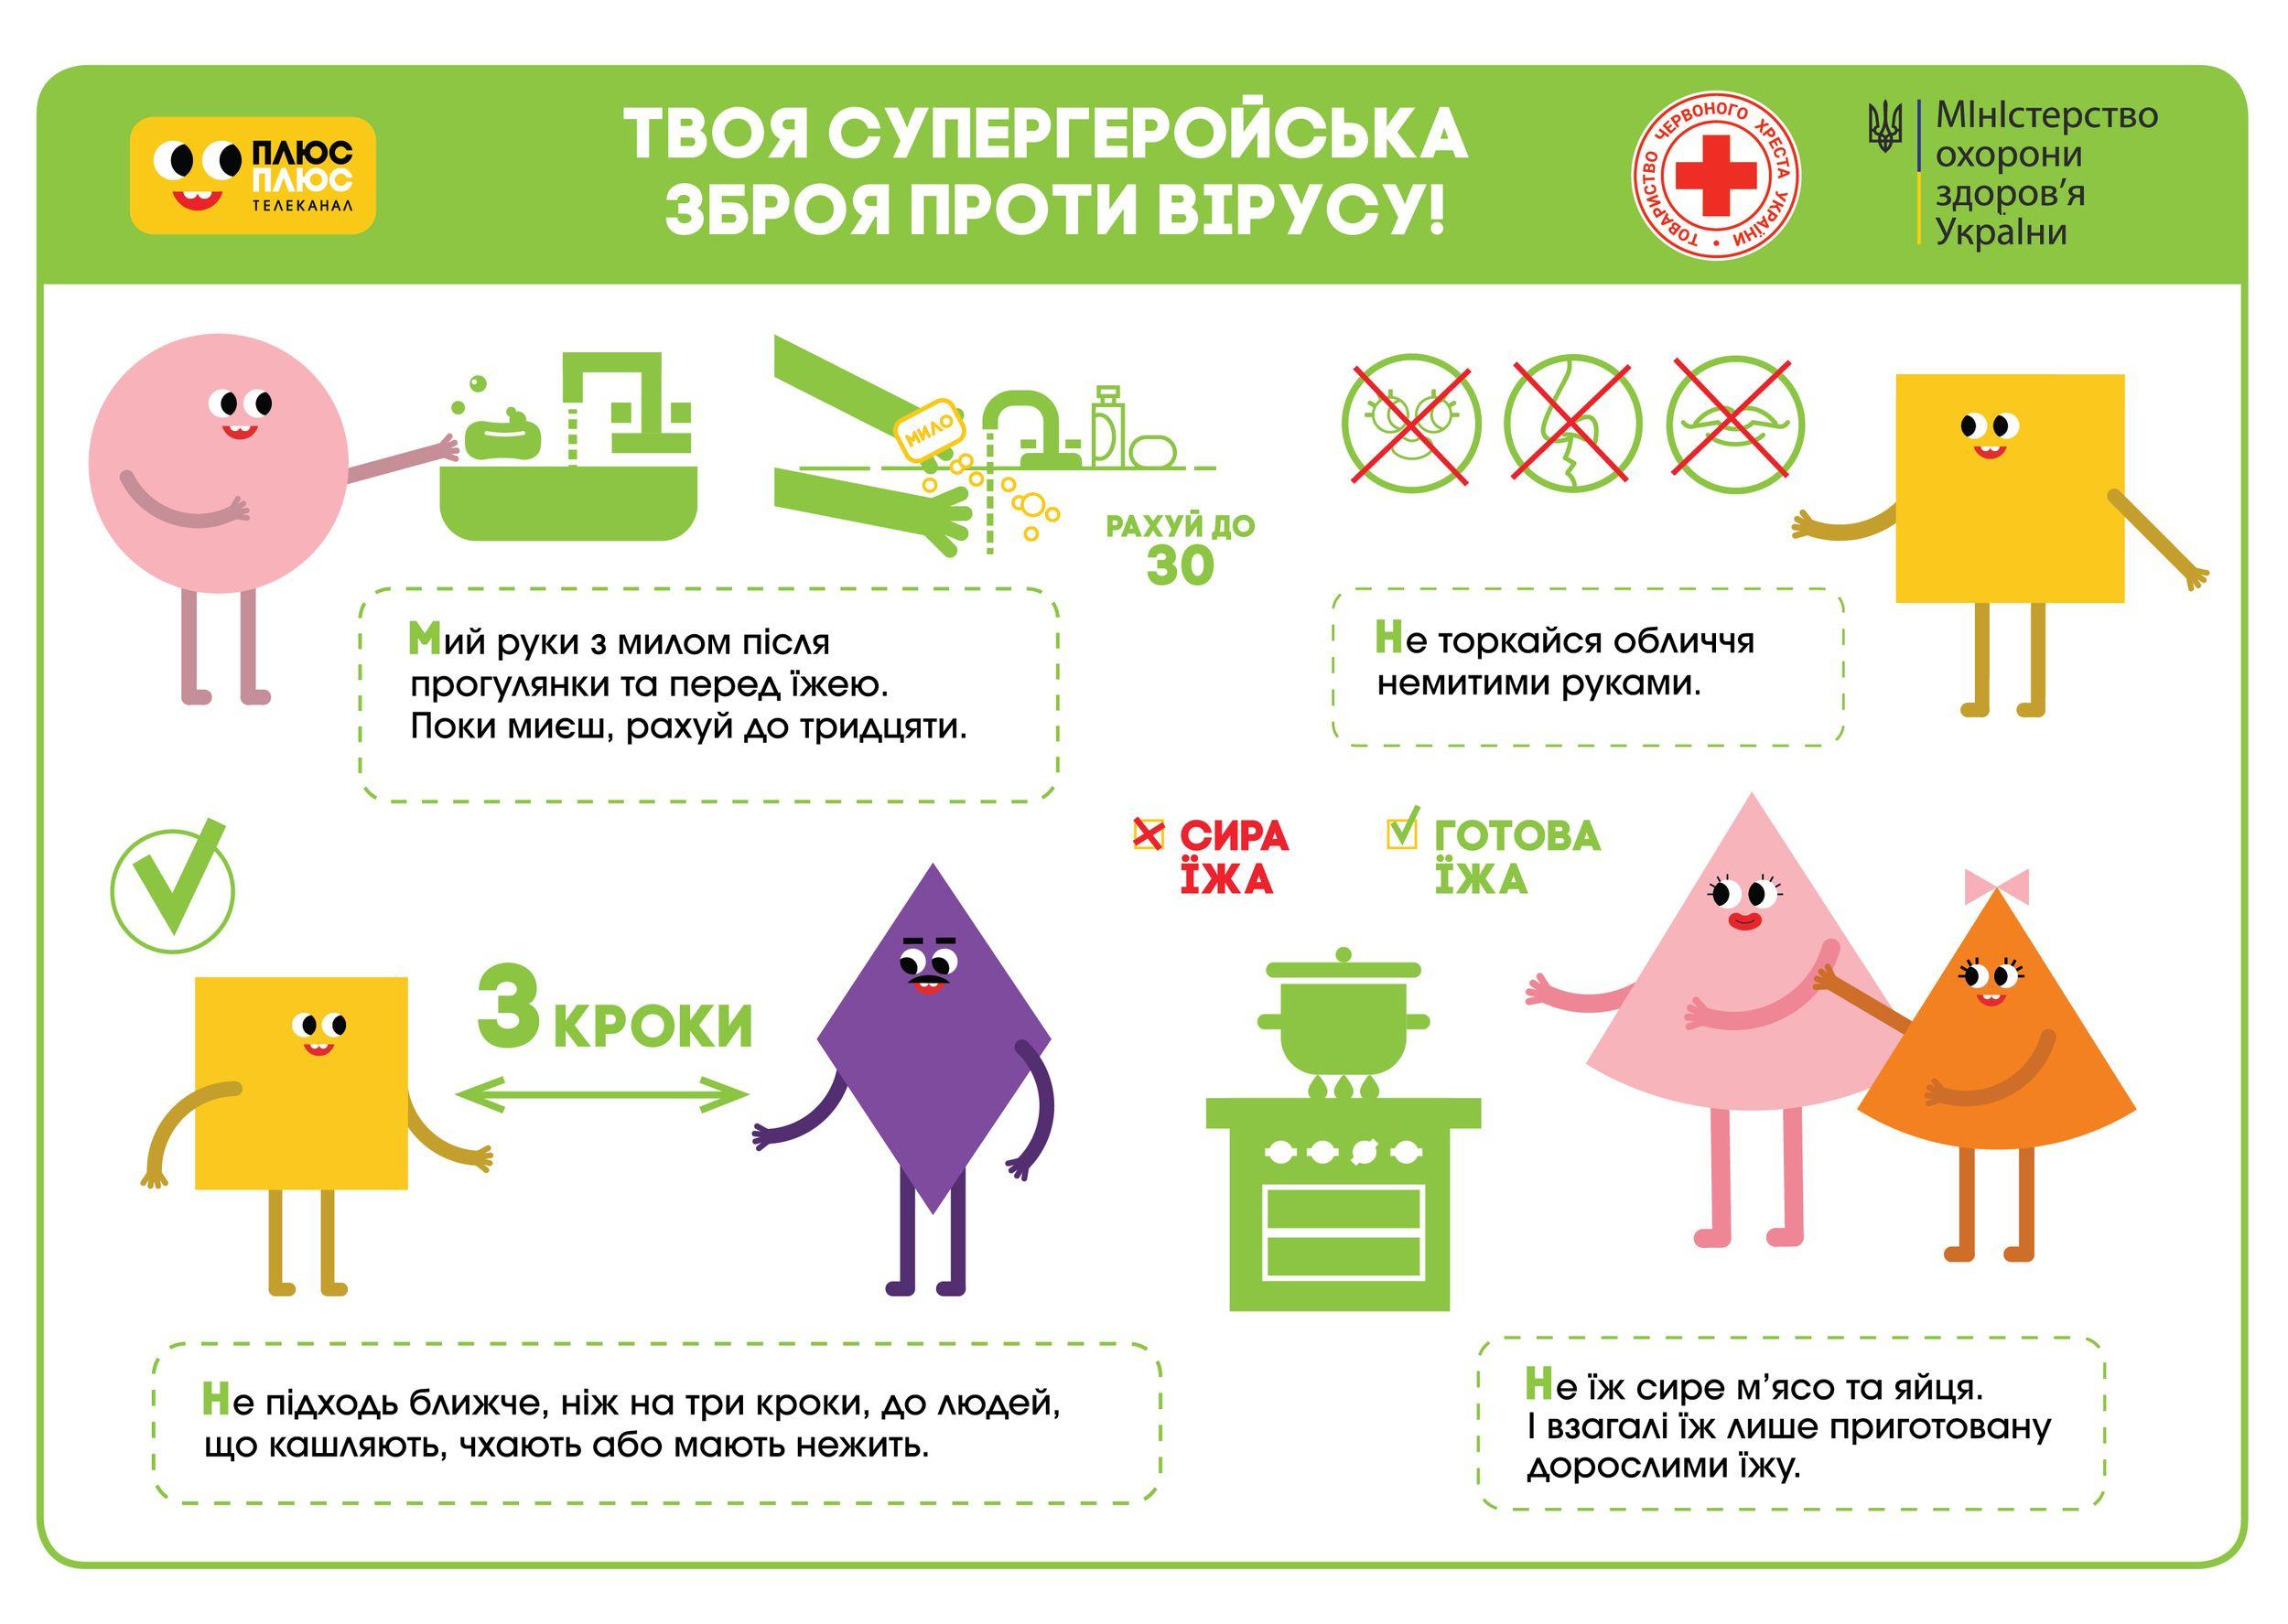 Мінімультик про захист від коронавірусу запустили телеканал ПЛЮСПЛЮС і МОЗ - новини освіти | «Освіторія»